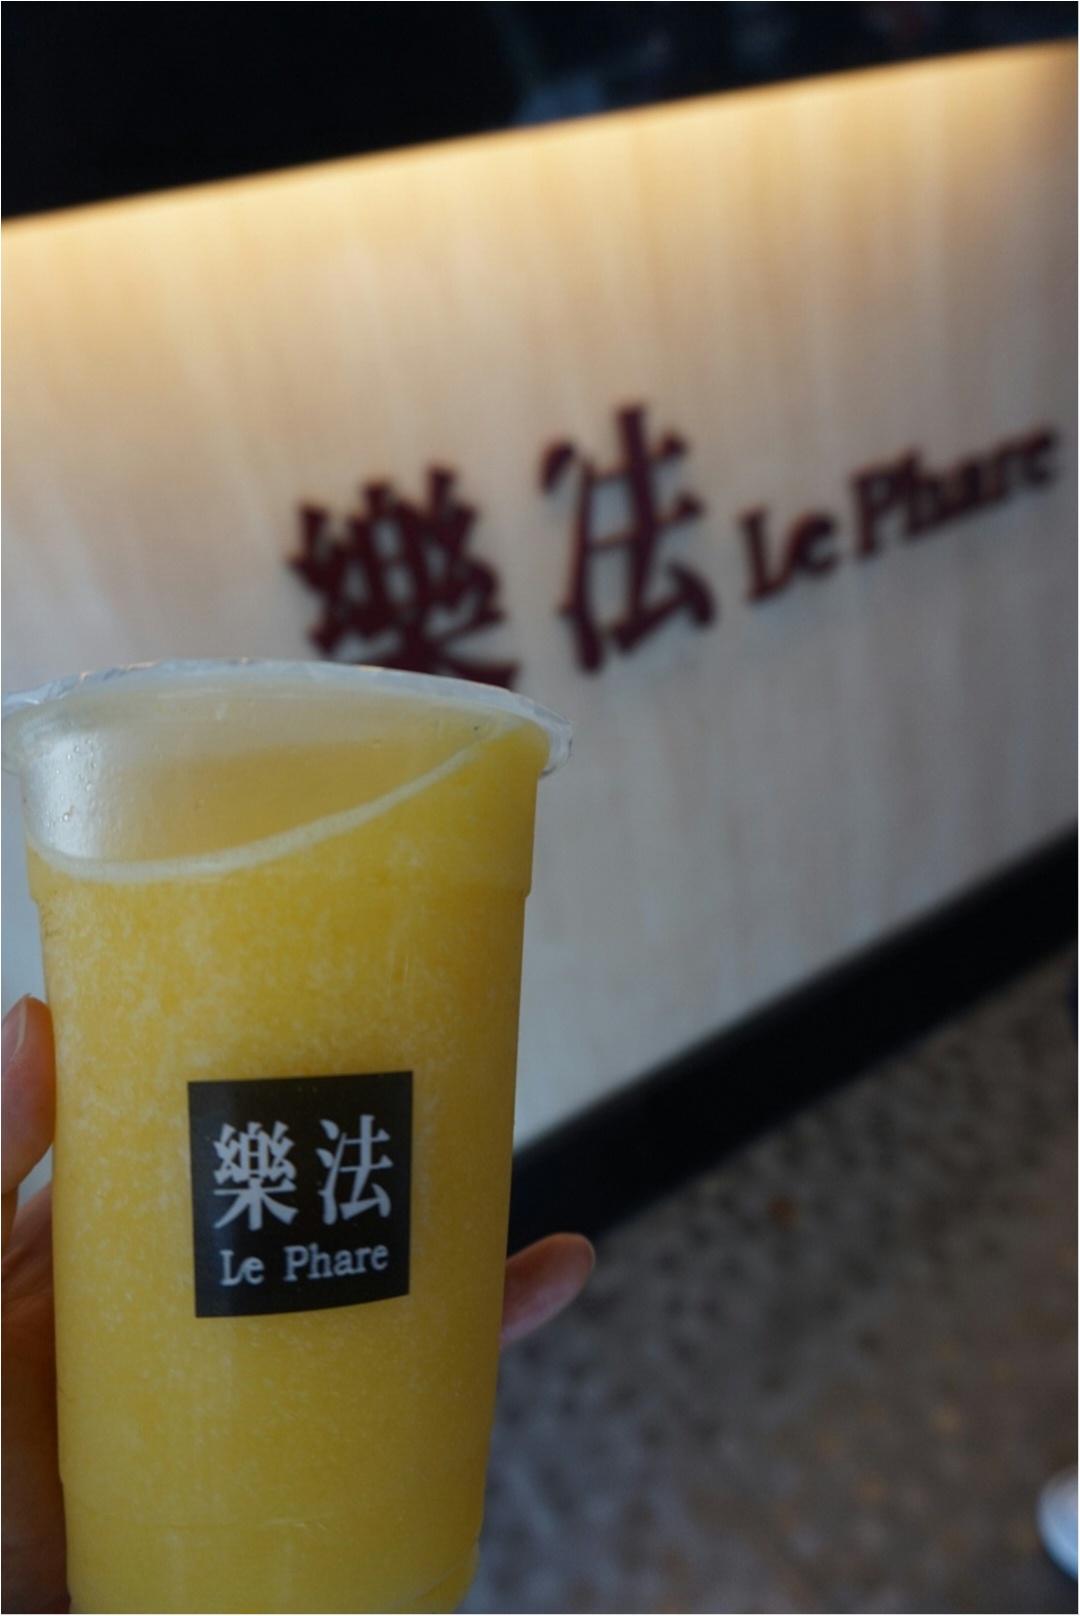 台湾のおしゃれなカフェ&食べ物特集 - 人気のタピオカや小籠包も! 台湾女子旅におすすめのグルメ情報まとめ_80